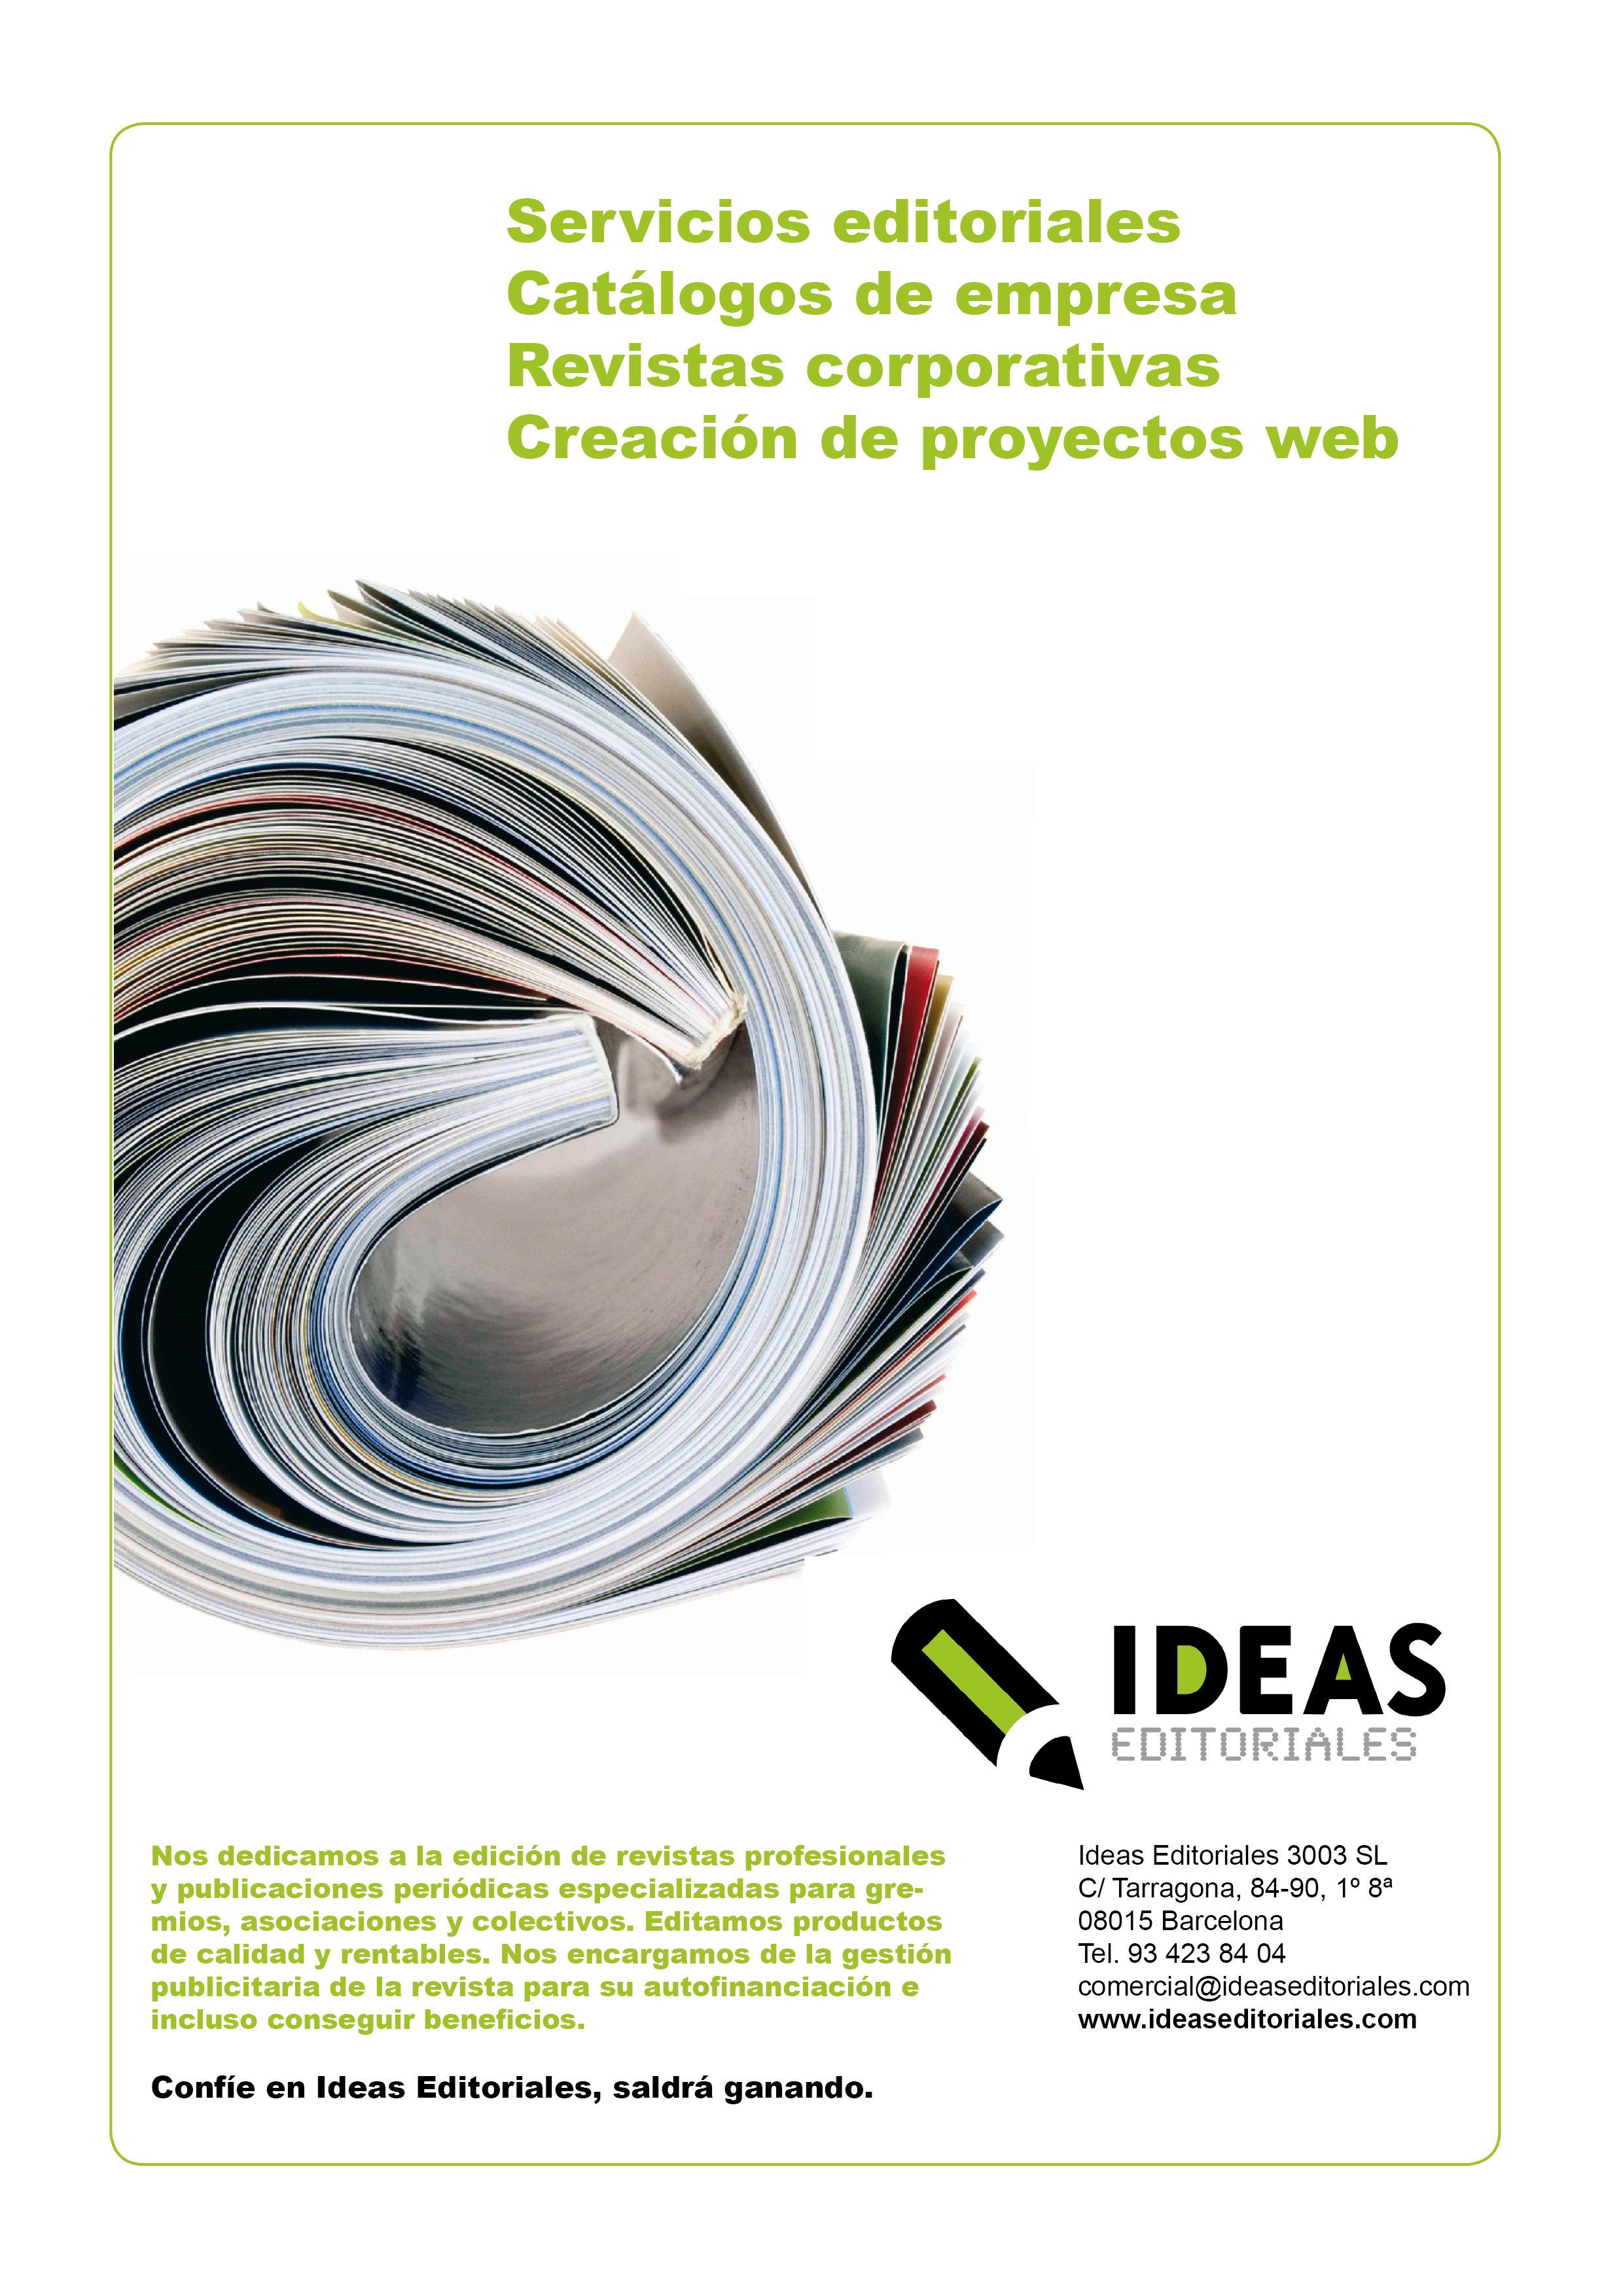 La vuelta al trabajo. Ideas Editoriales ya prepara las nuevas planificaciones de contenidos de sus proyectos editoriales